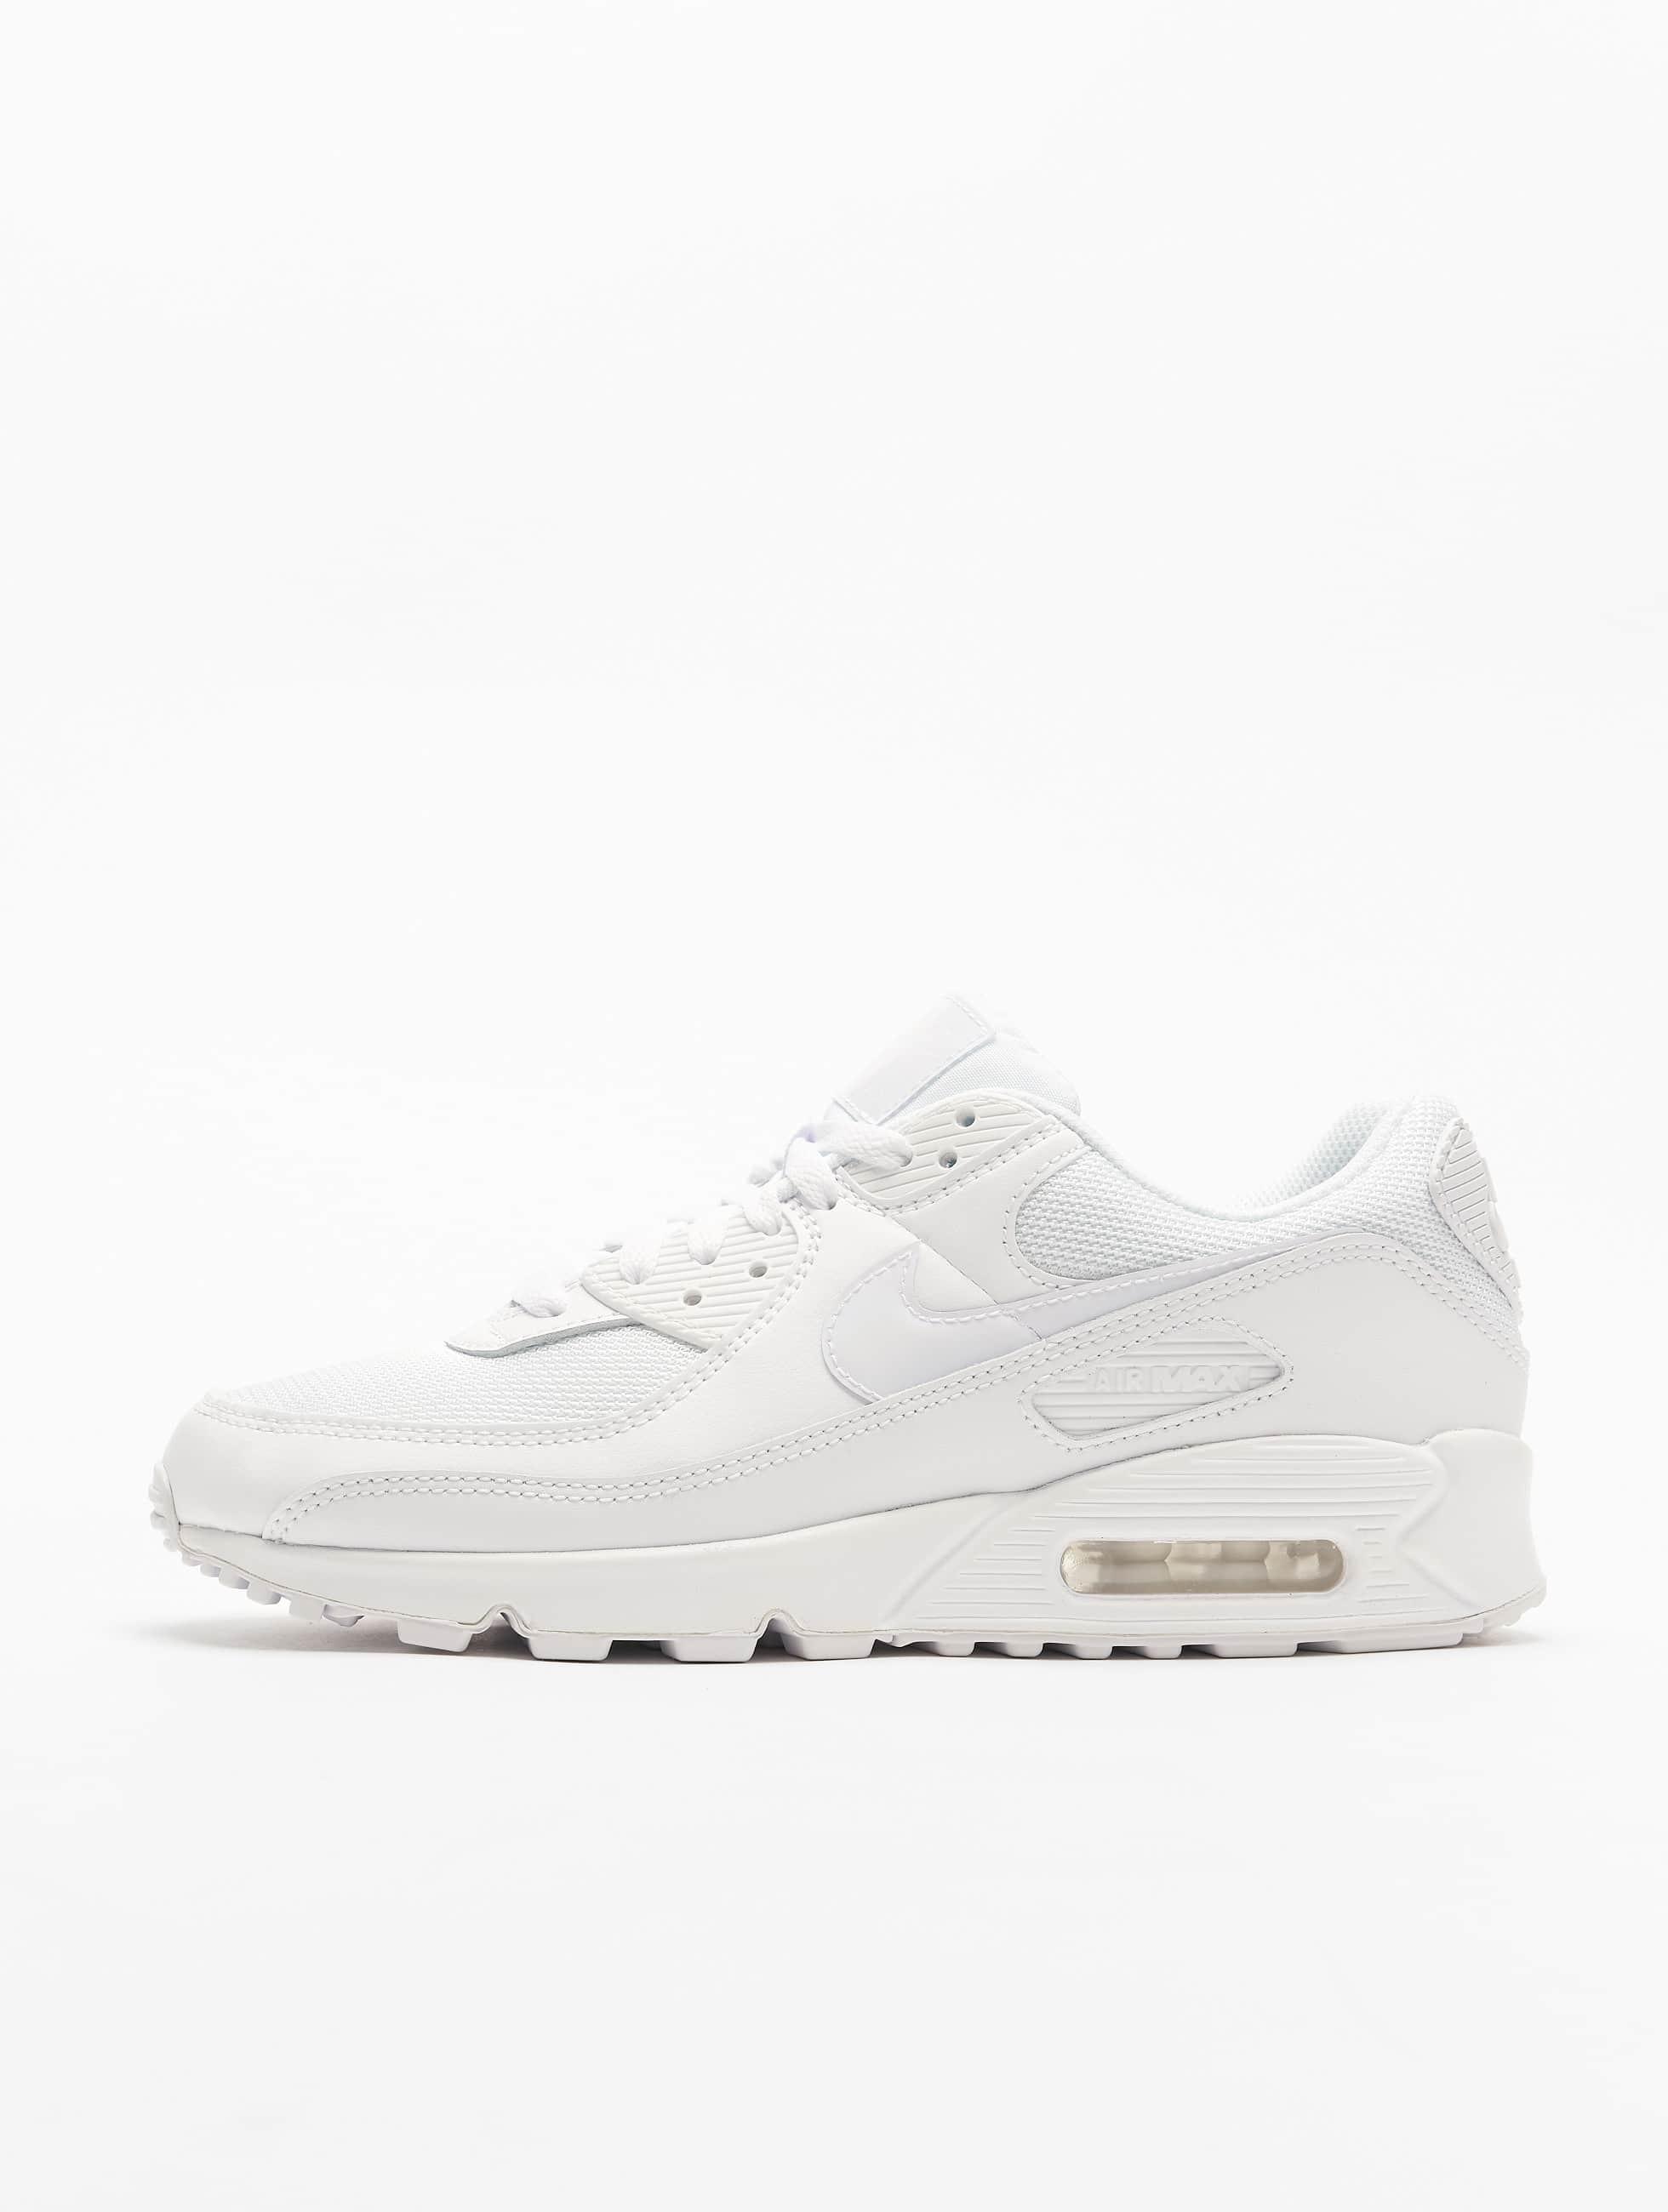 Nike Air Max 90 Twist Sneakers White/White/White